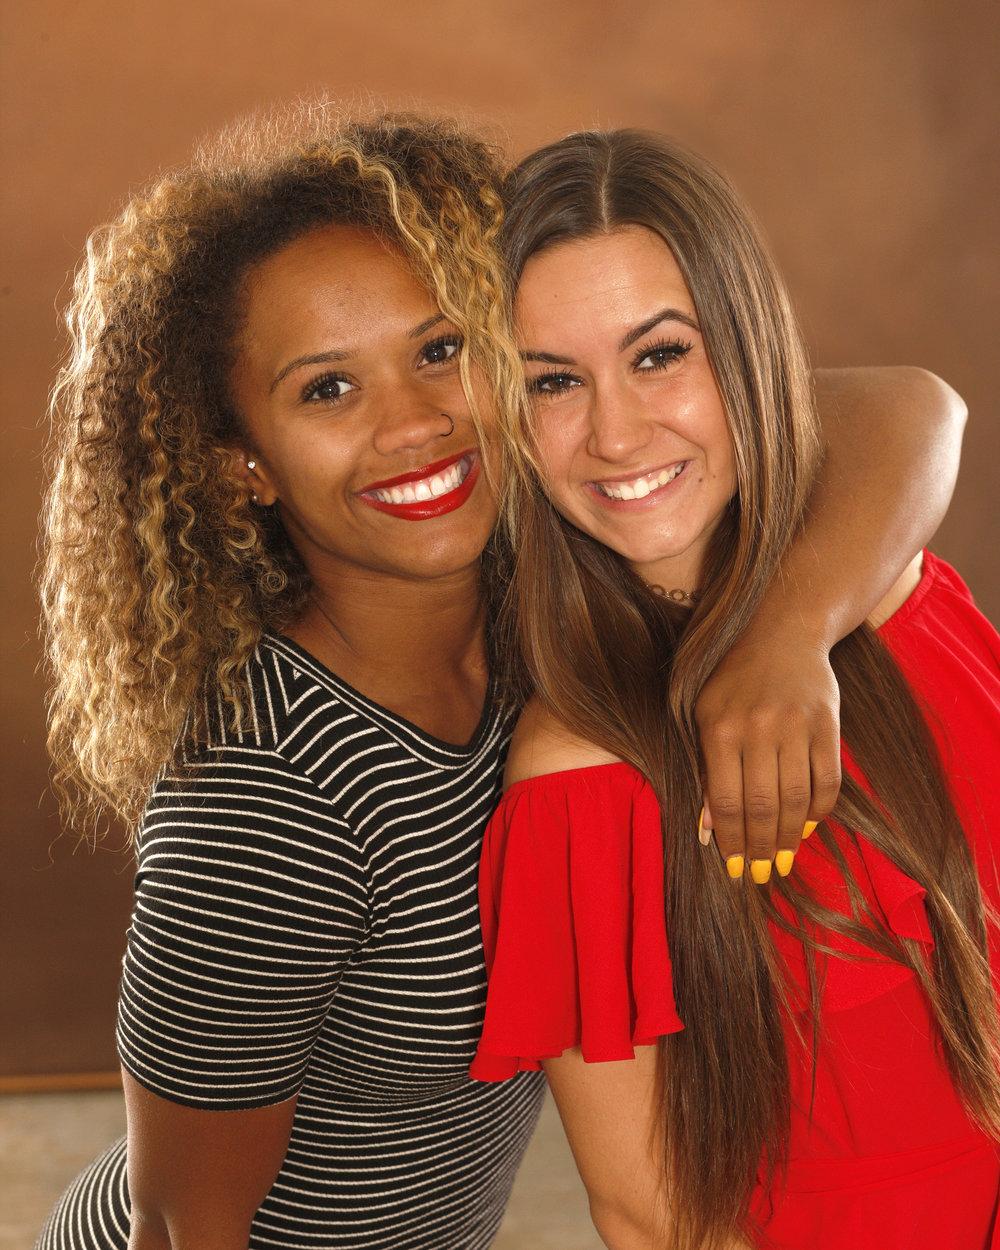 Miranda Richards & Vazhane Sawyers.jpg